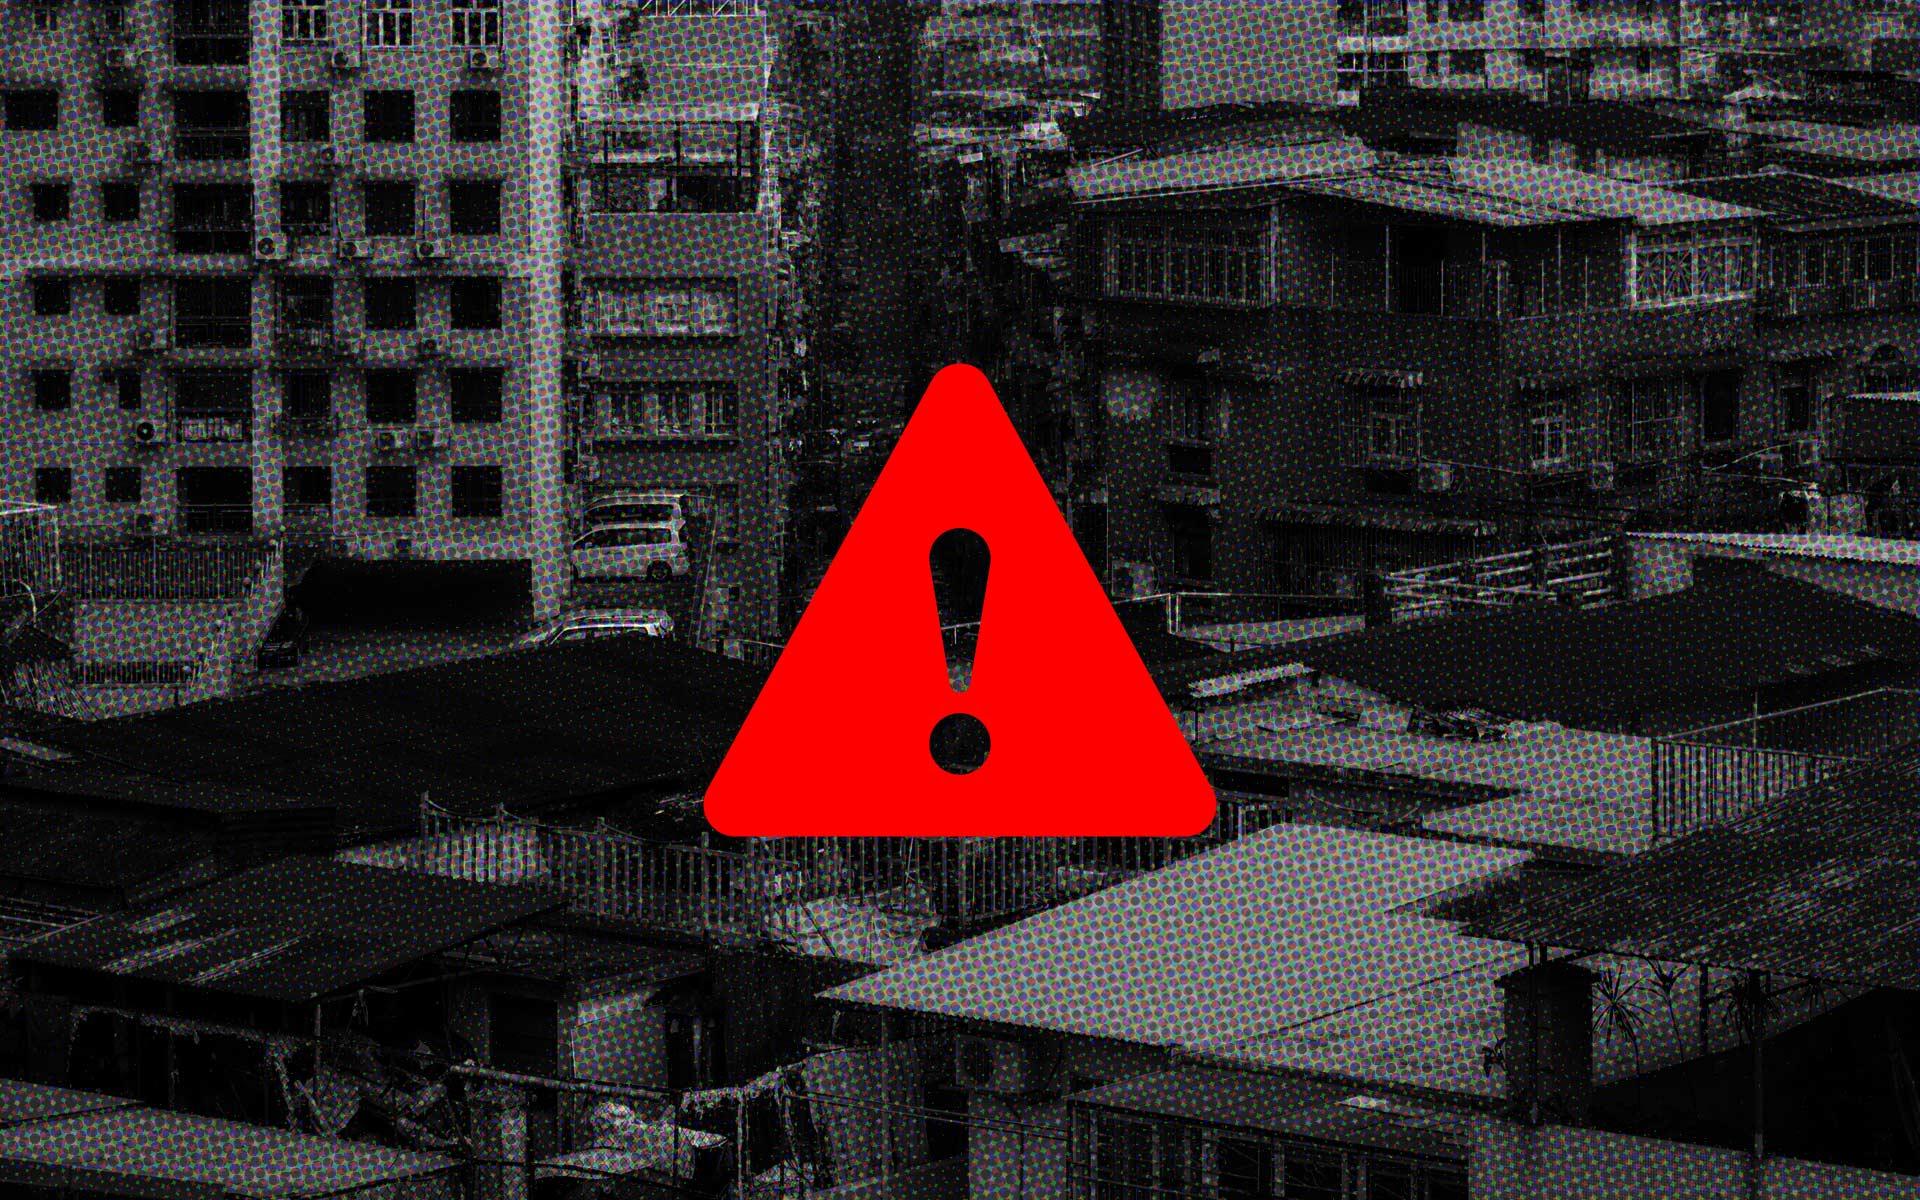 公開NGとなった事件…八仙飯店一家殺害事件 - 本当にあった閲覧注意